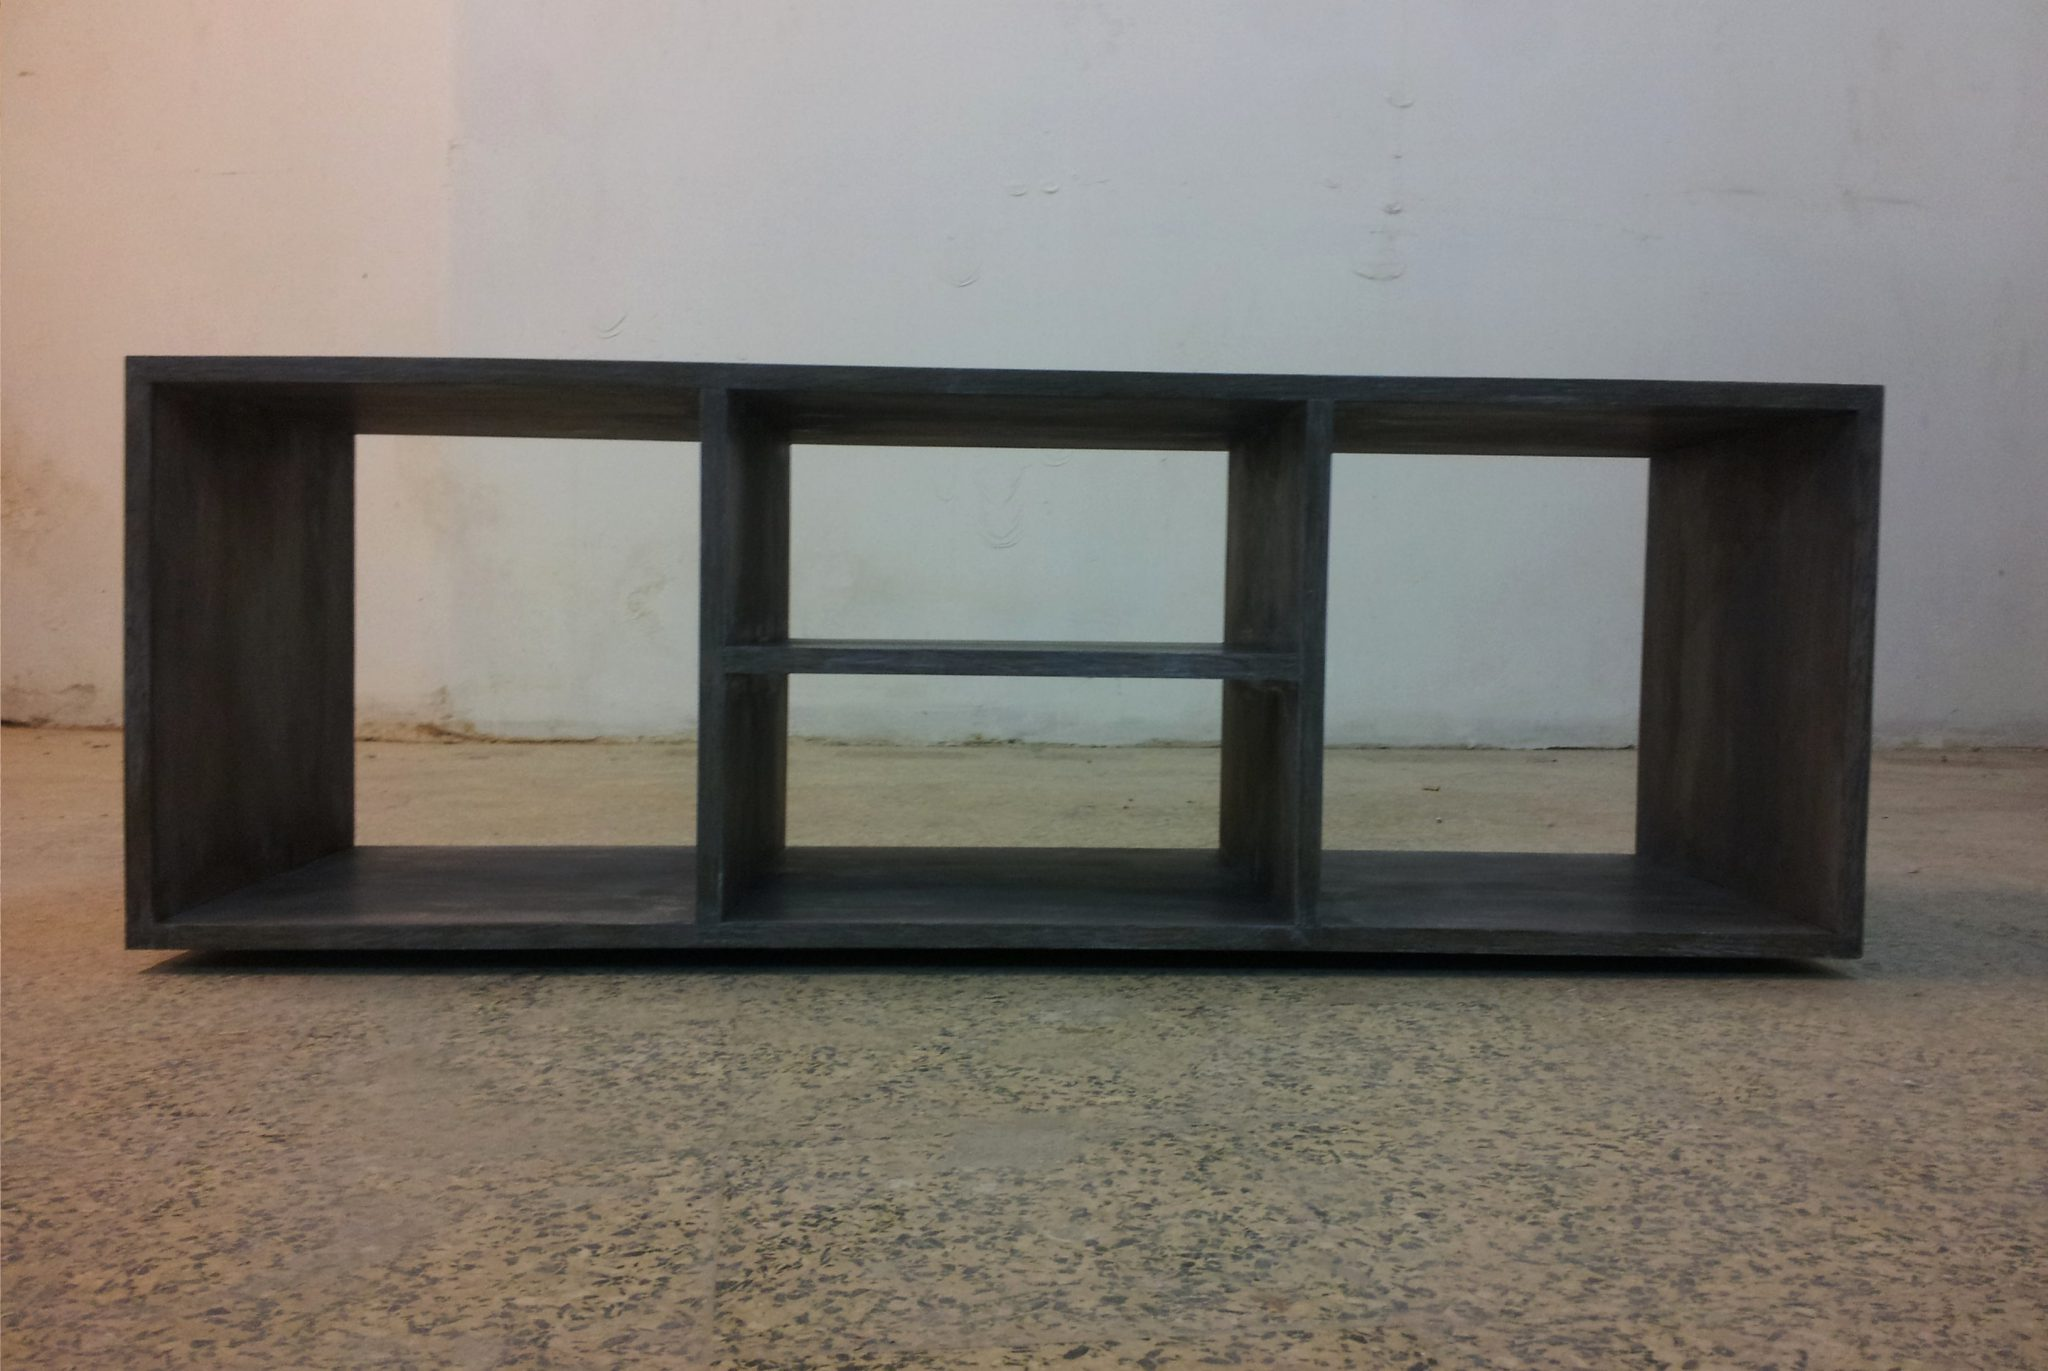 movel TV Rectângulo multimédia - Meuble tv rectangle multimédia